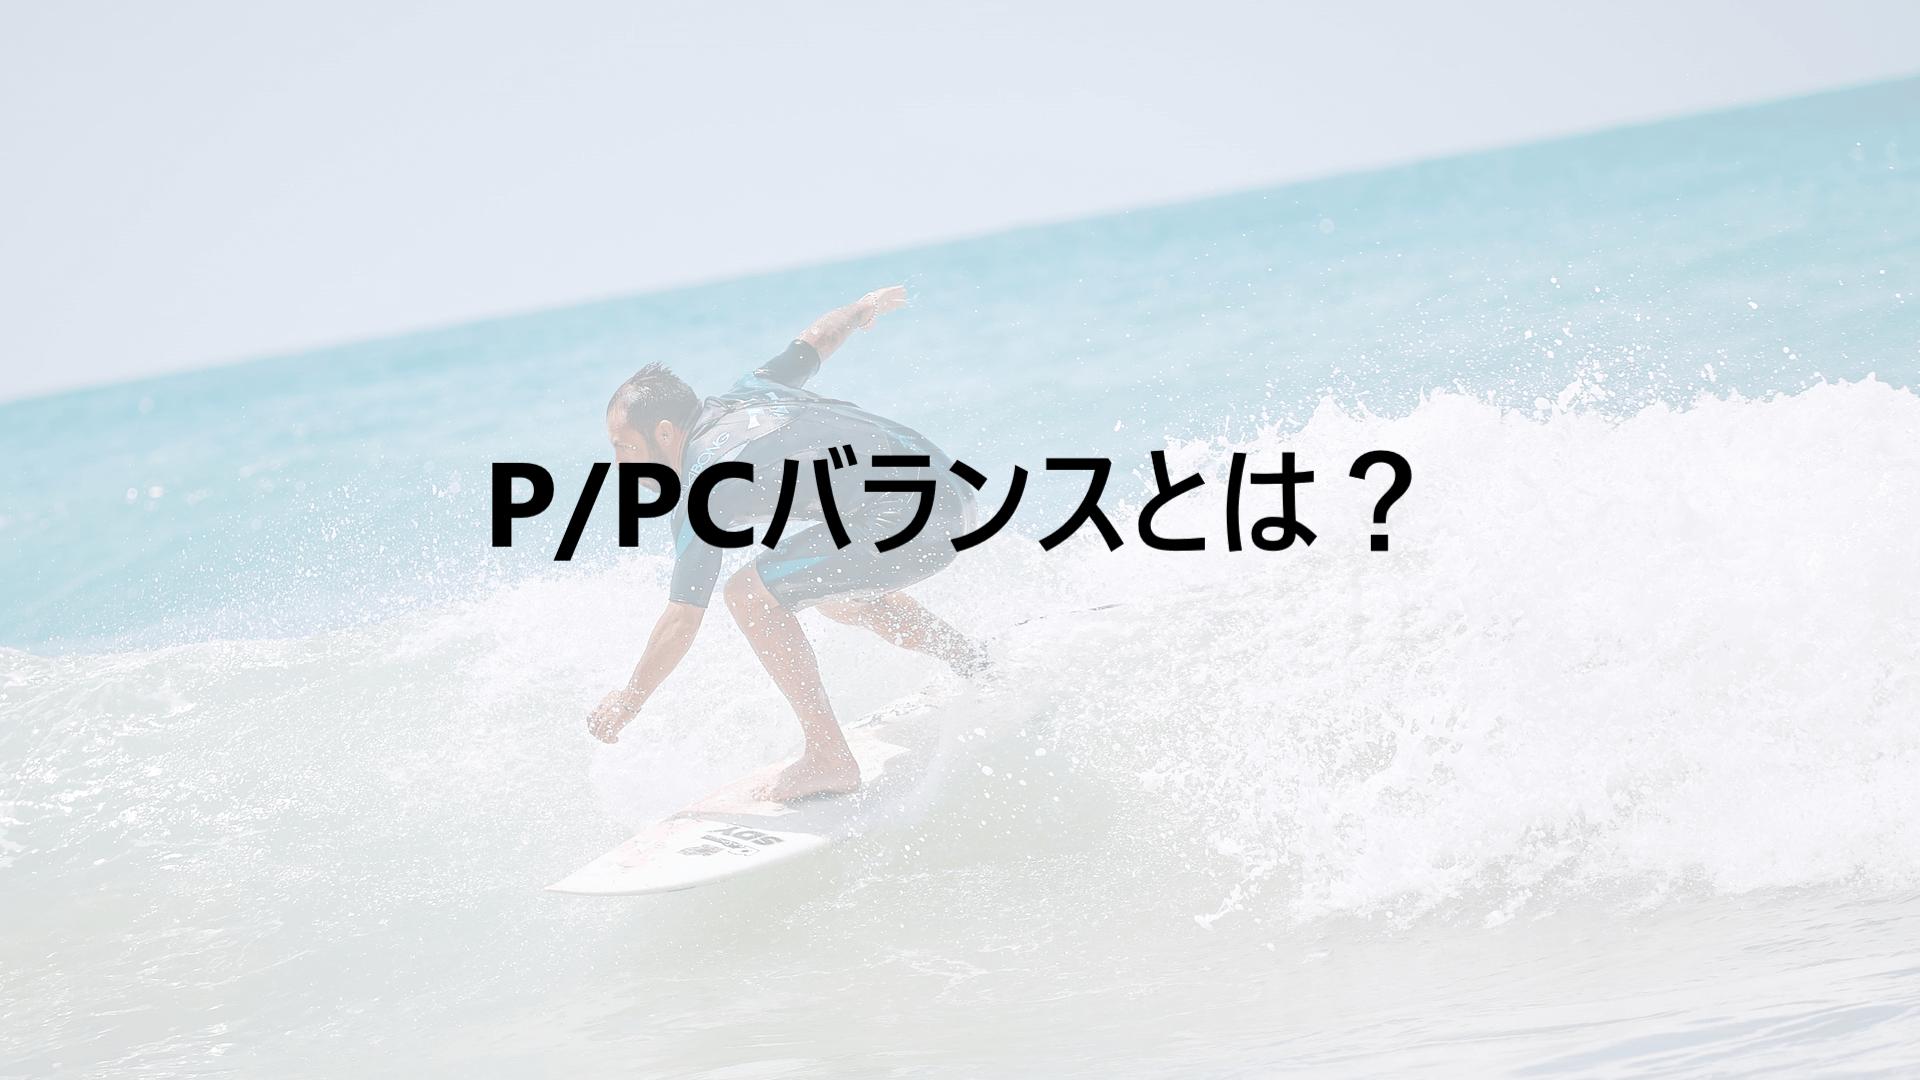 P/PCバランスとは?